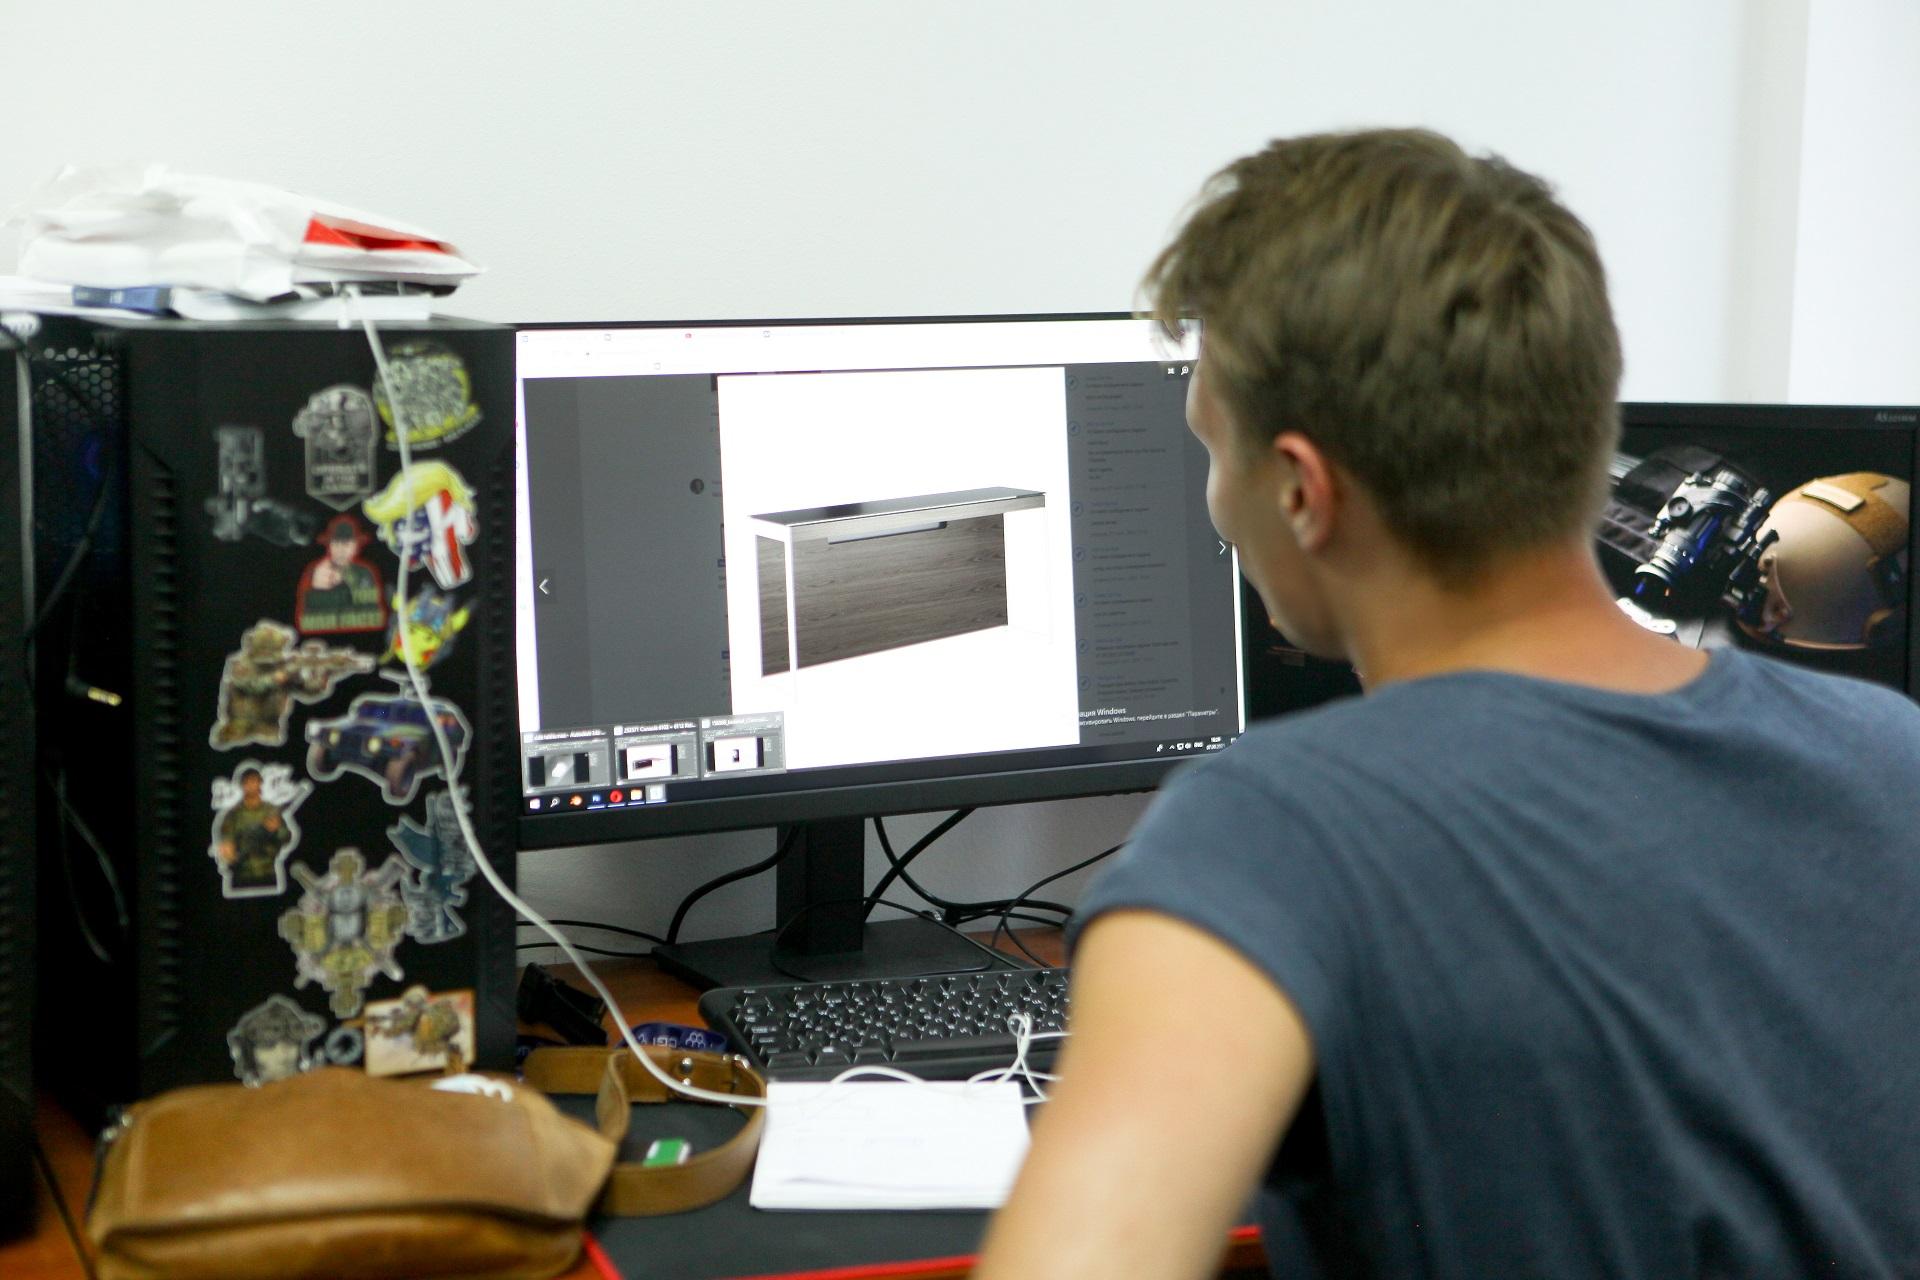 3D візуалізатор занурений у процес роботи